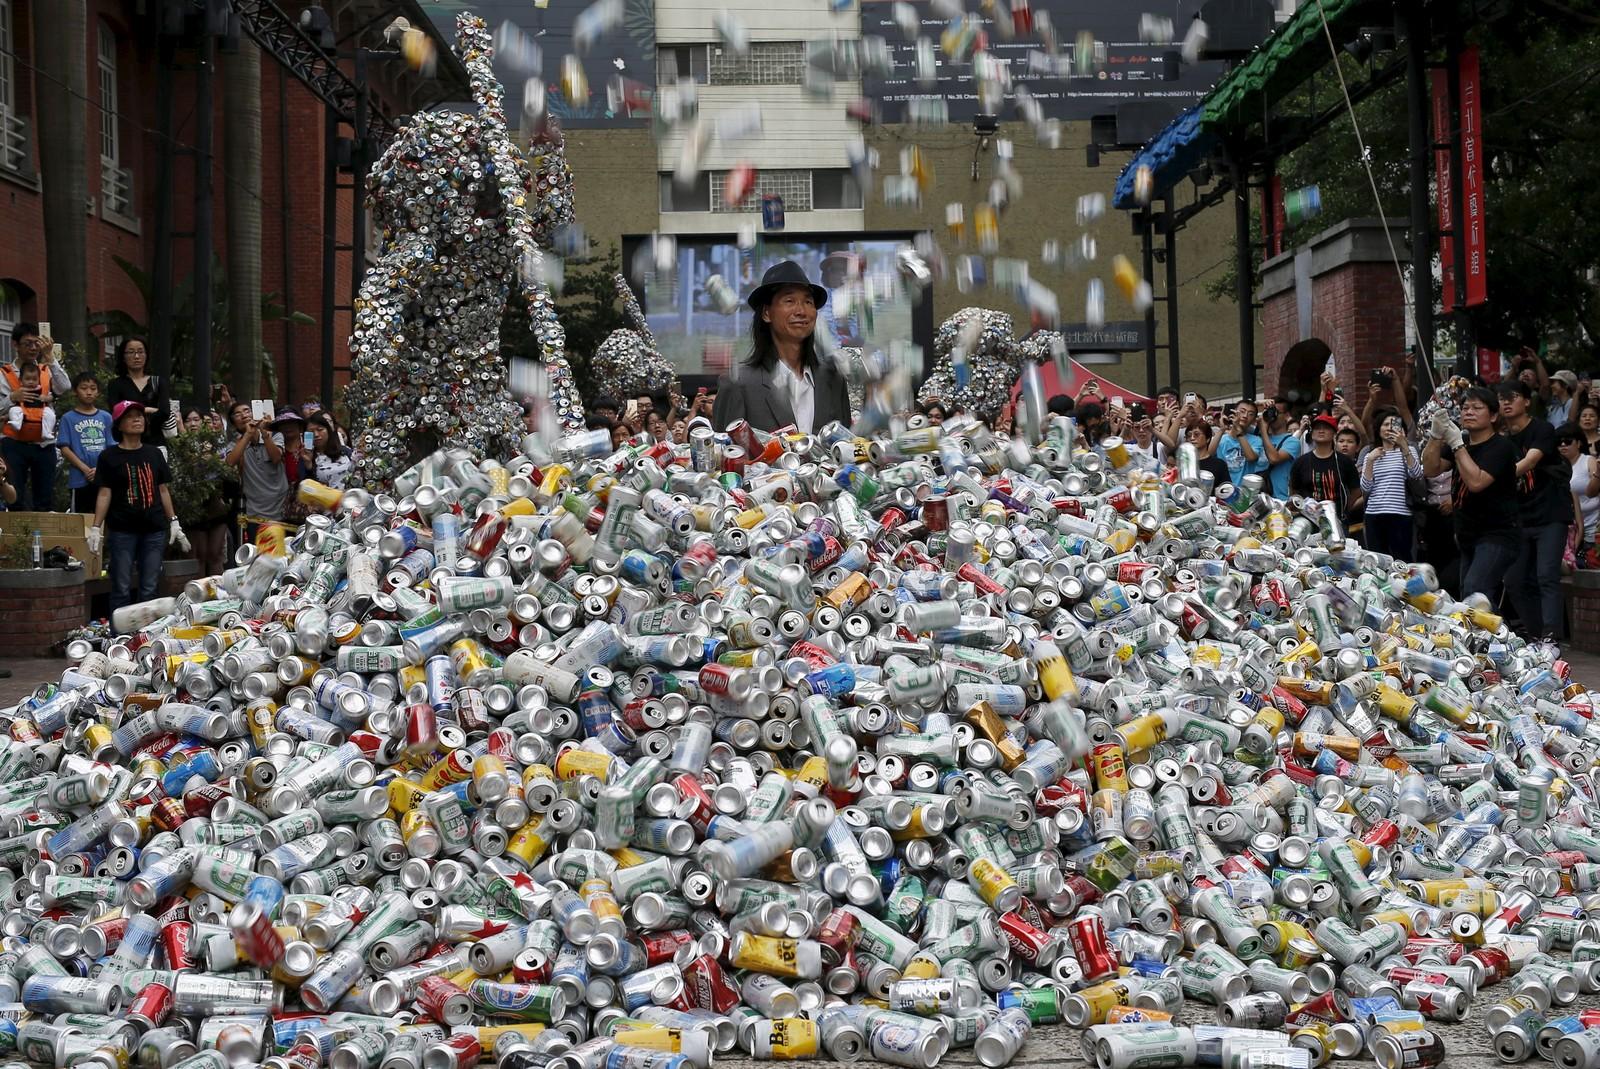 Kunstneren Chin Chih Yang framfører kunstverket «Kill Me or Change» i Taipei i Taiwan. Kunstverket består i at Yang blir begravd i 30,000 bokser.